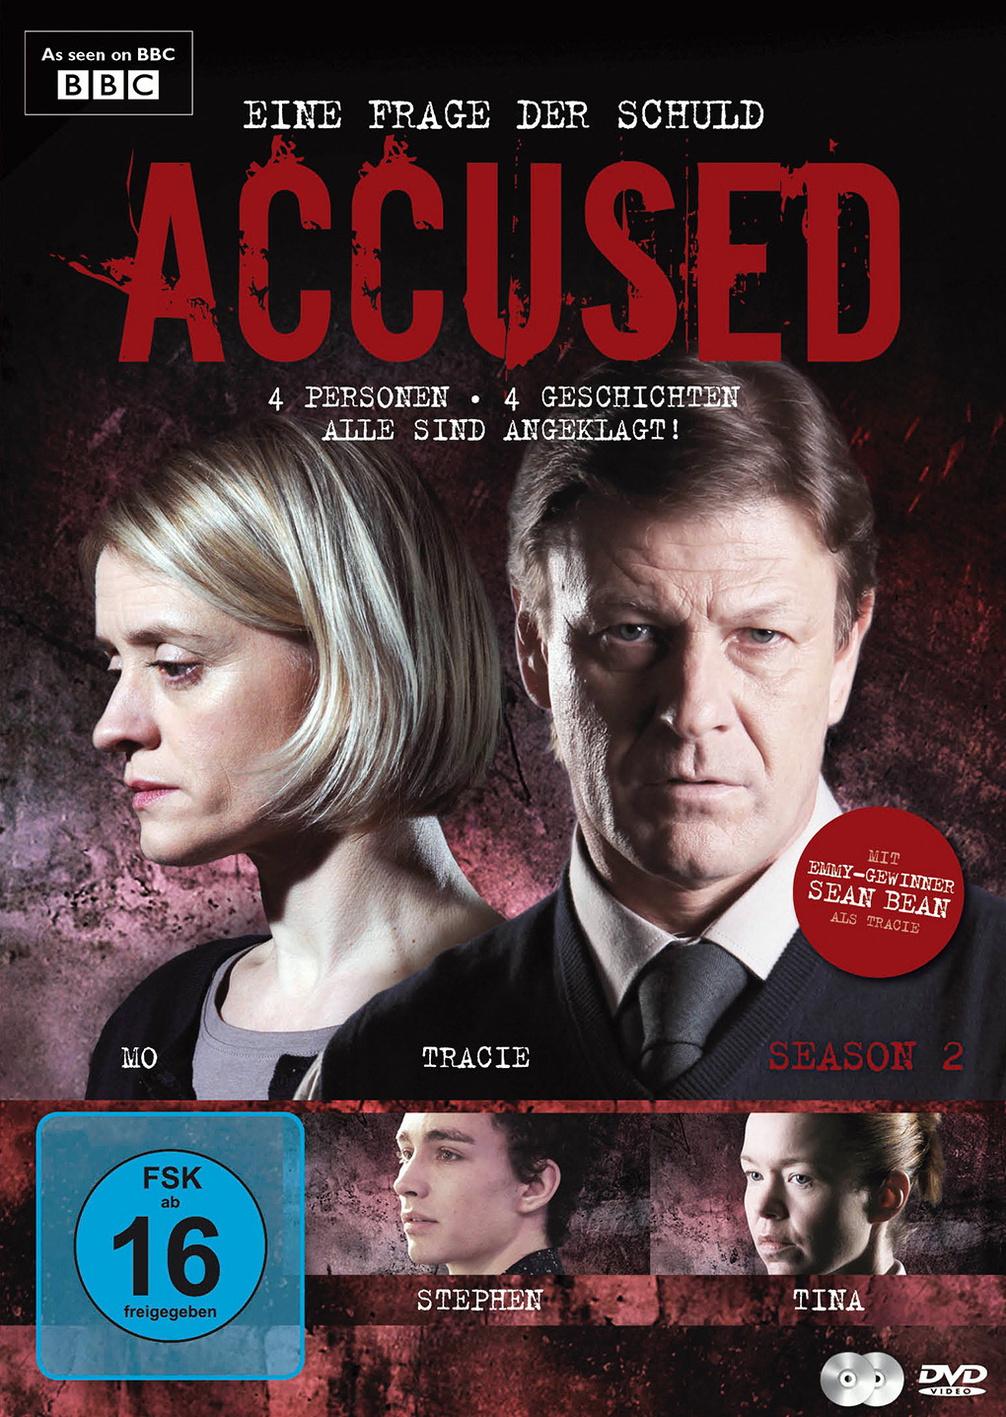 Accused: Eine Frage der Schuld - Season 2 [2 DVDs]